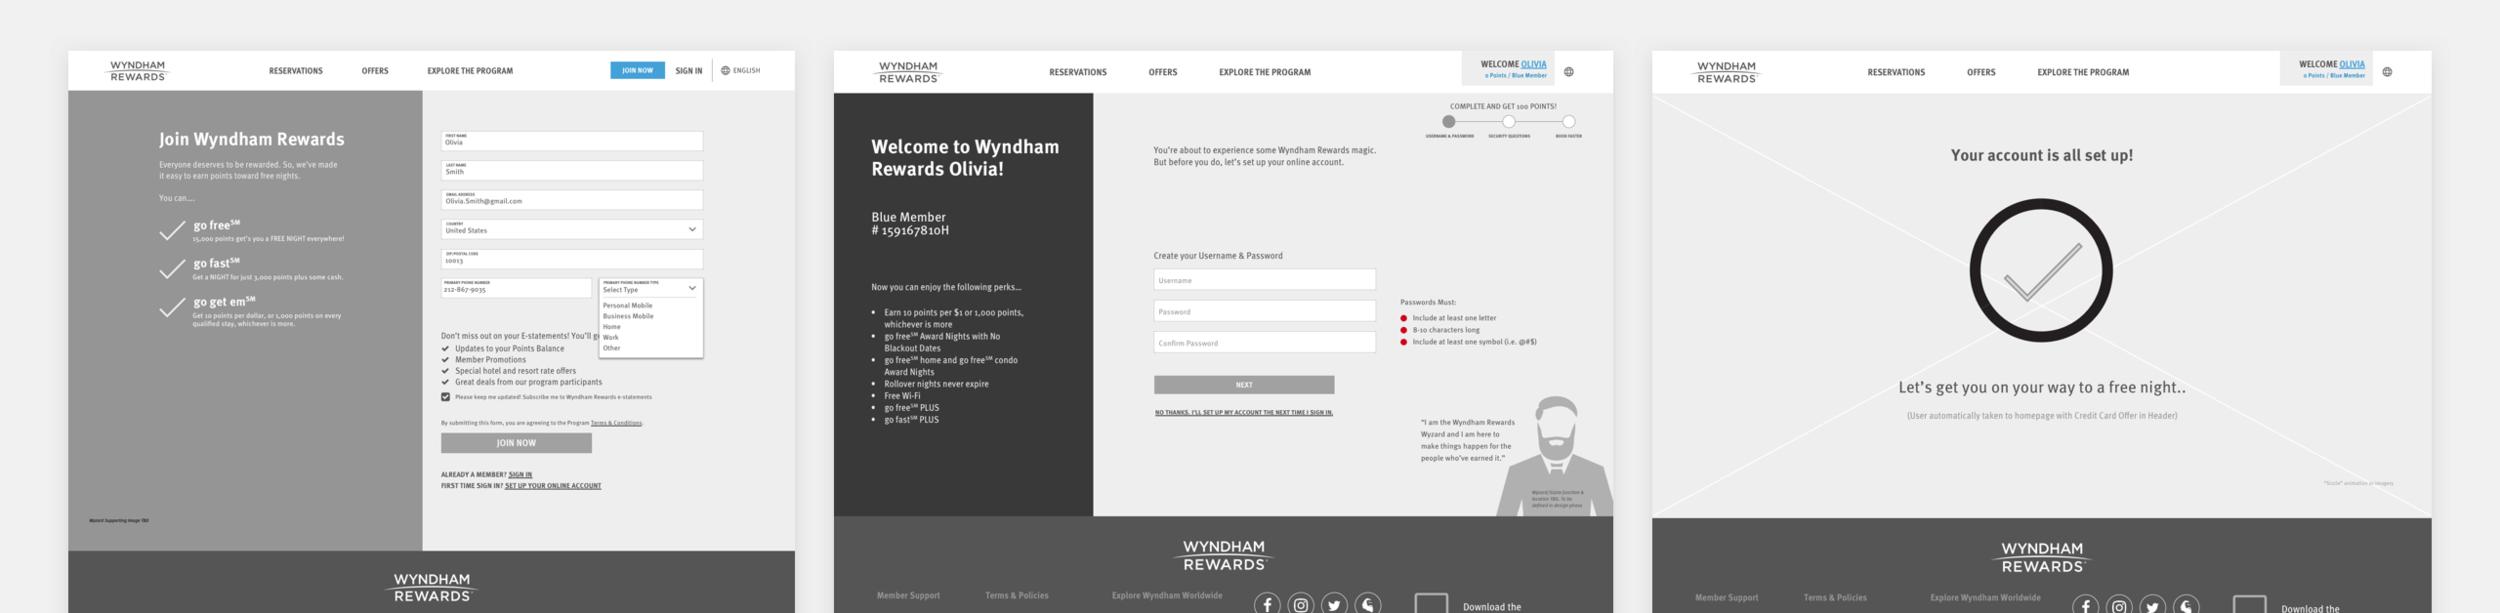 Wyn Rewards - Enrollment.png